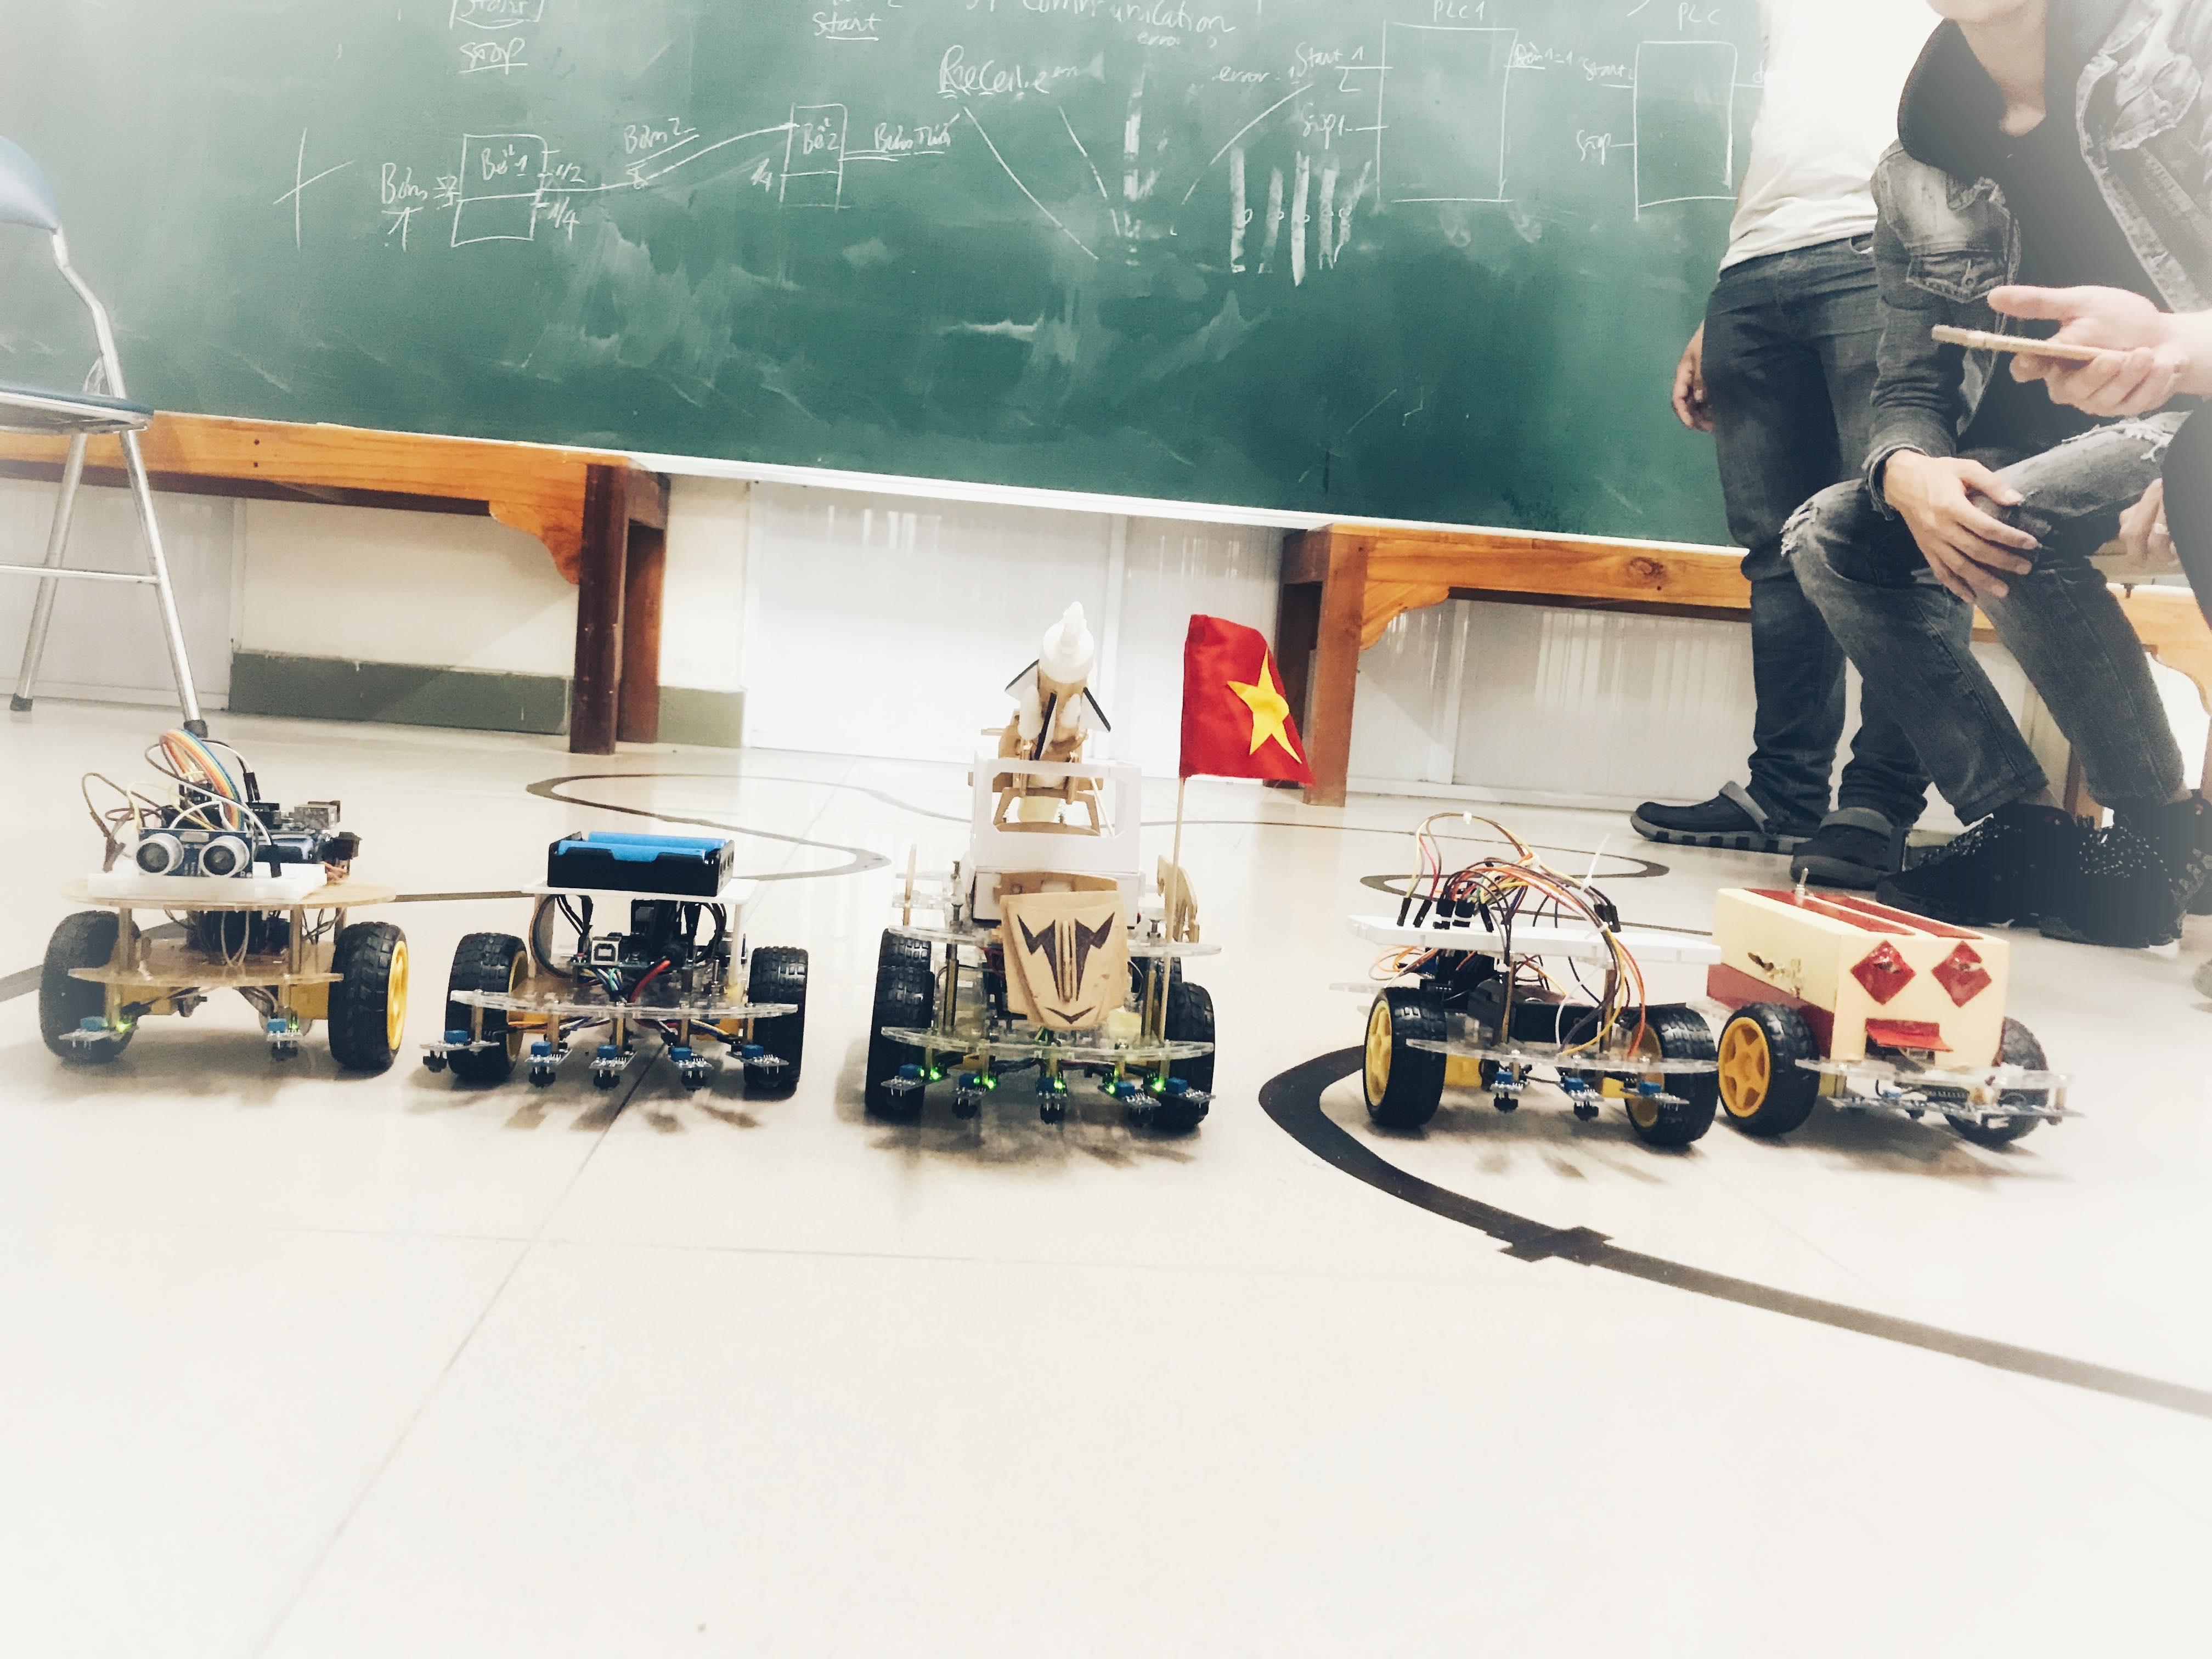 Sinh viên khoa Công nghệ điện, điện tử trong một buổi thử nghiệm các sản phẩm robot🏎 😘